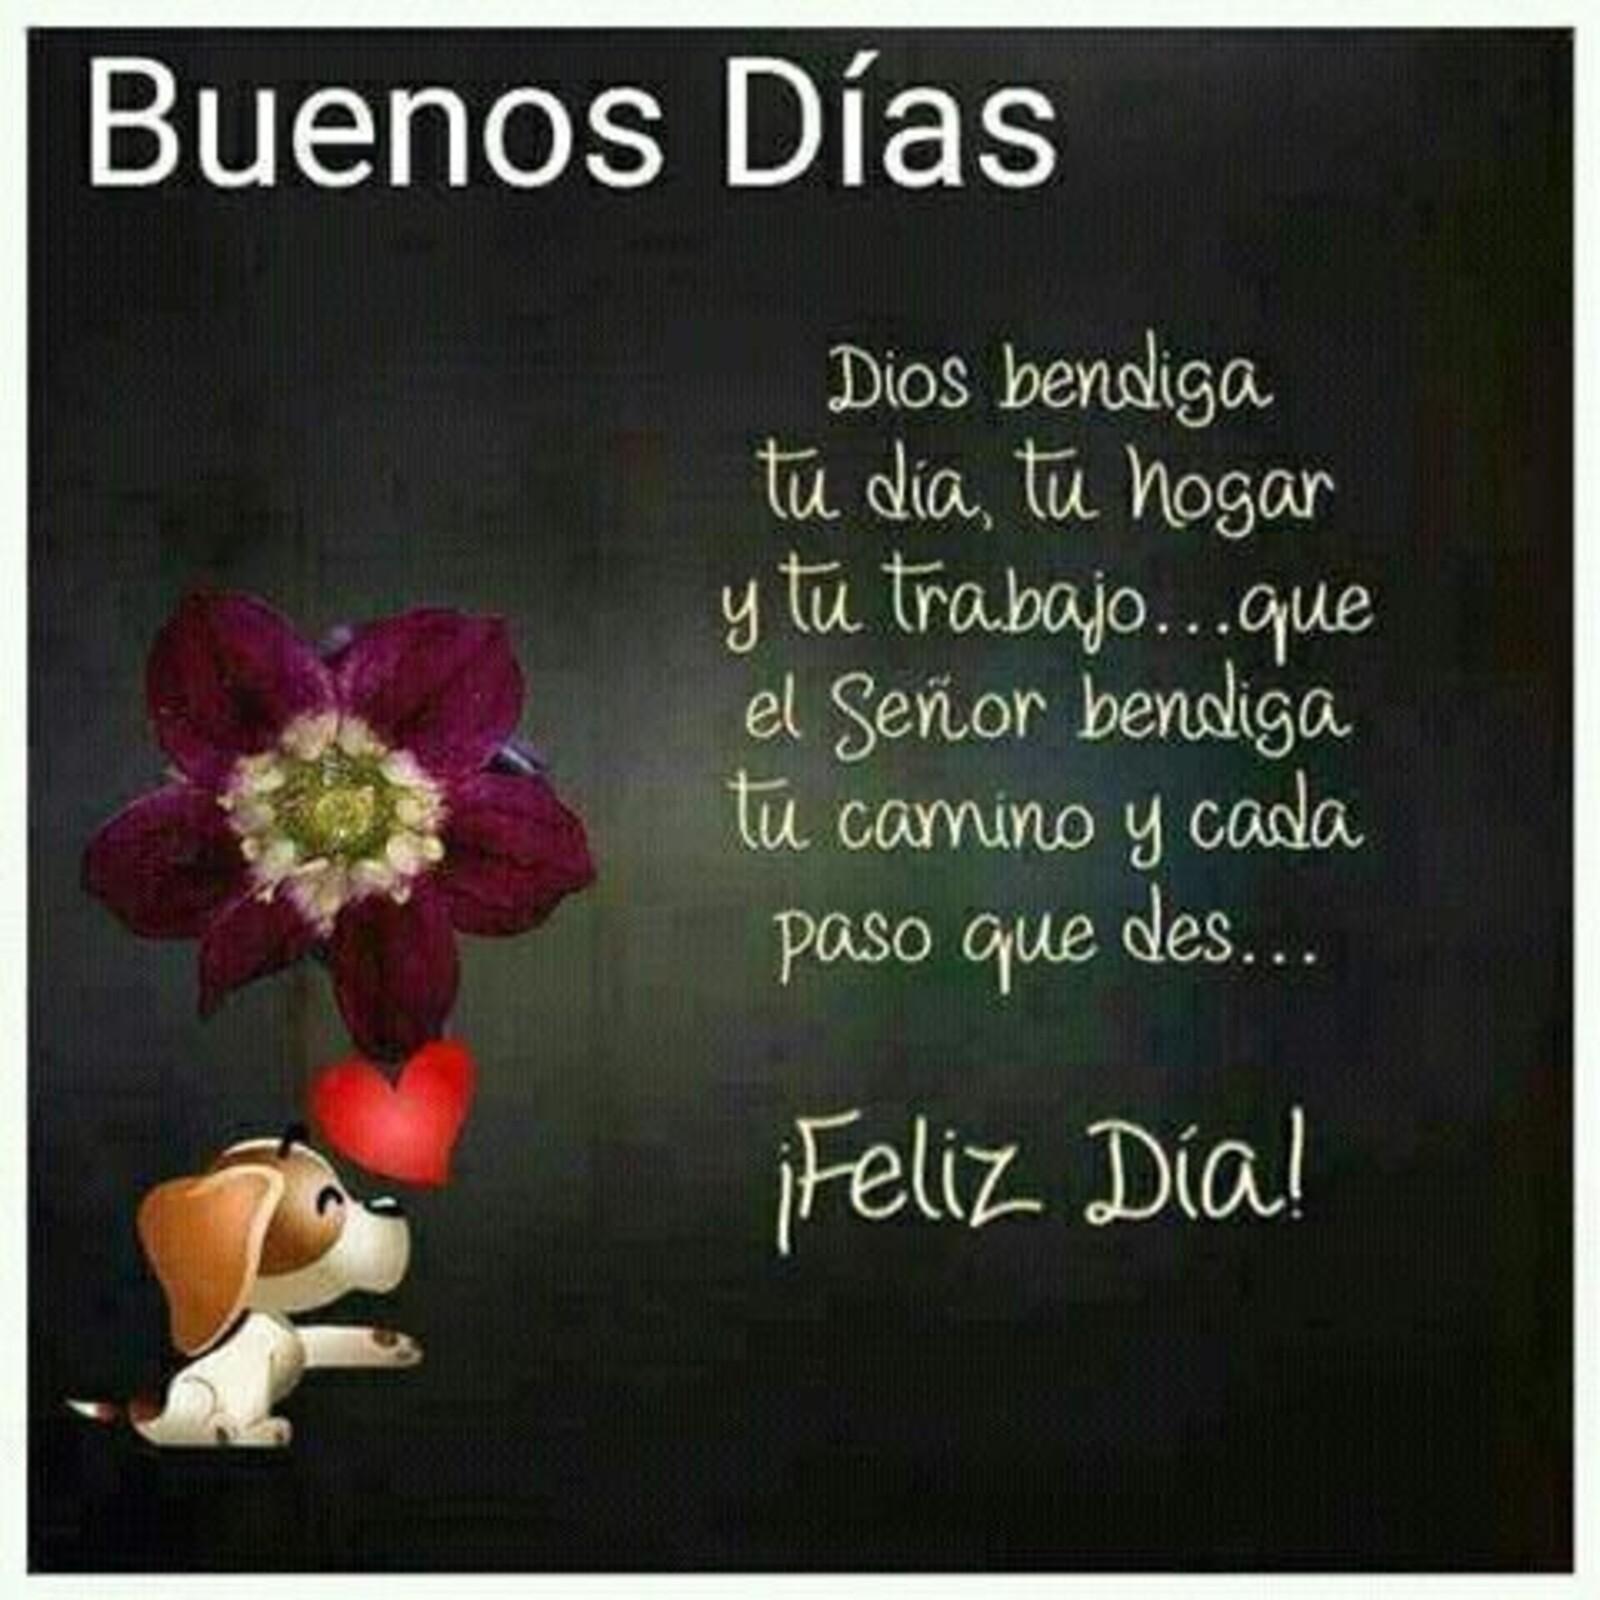 Buenos días Dios te bendiga tu día, tu hogar y tu trabajo...que el Señor bendiga tu camino y cada paso que des...feliz día